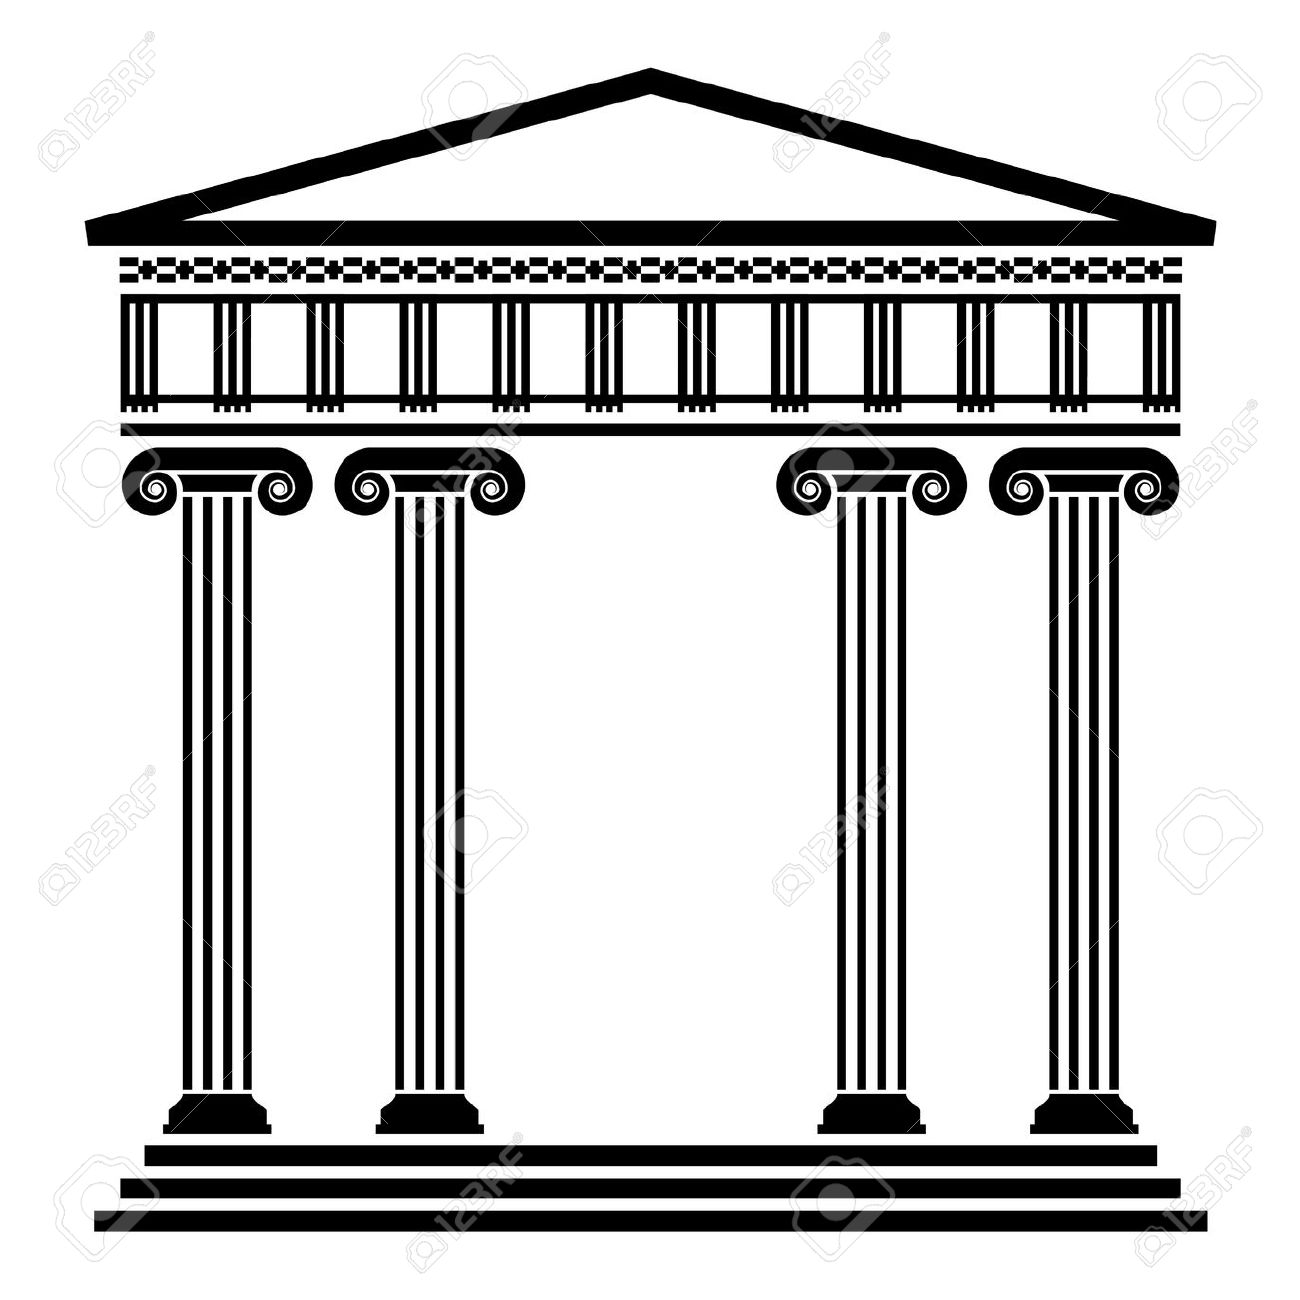 Roman building clipart.